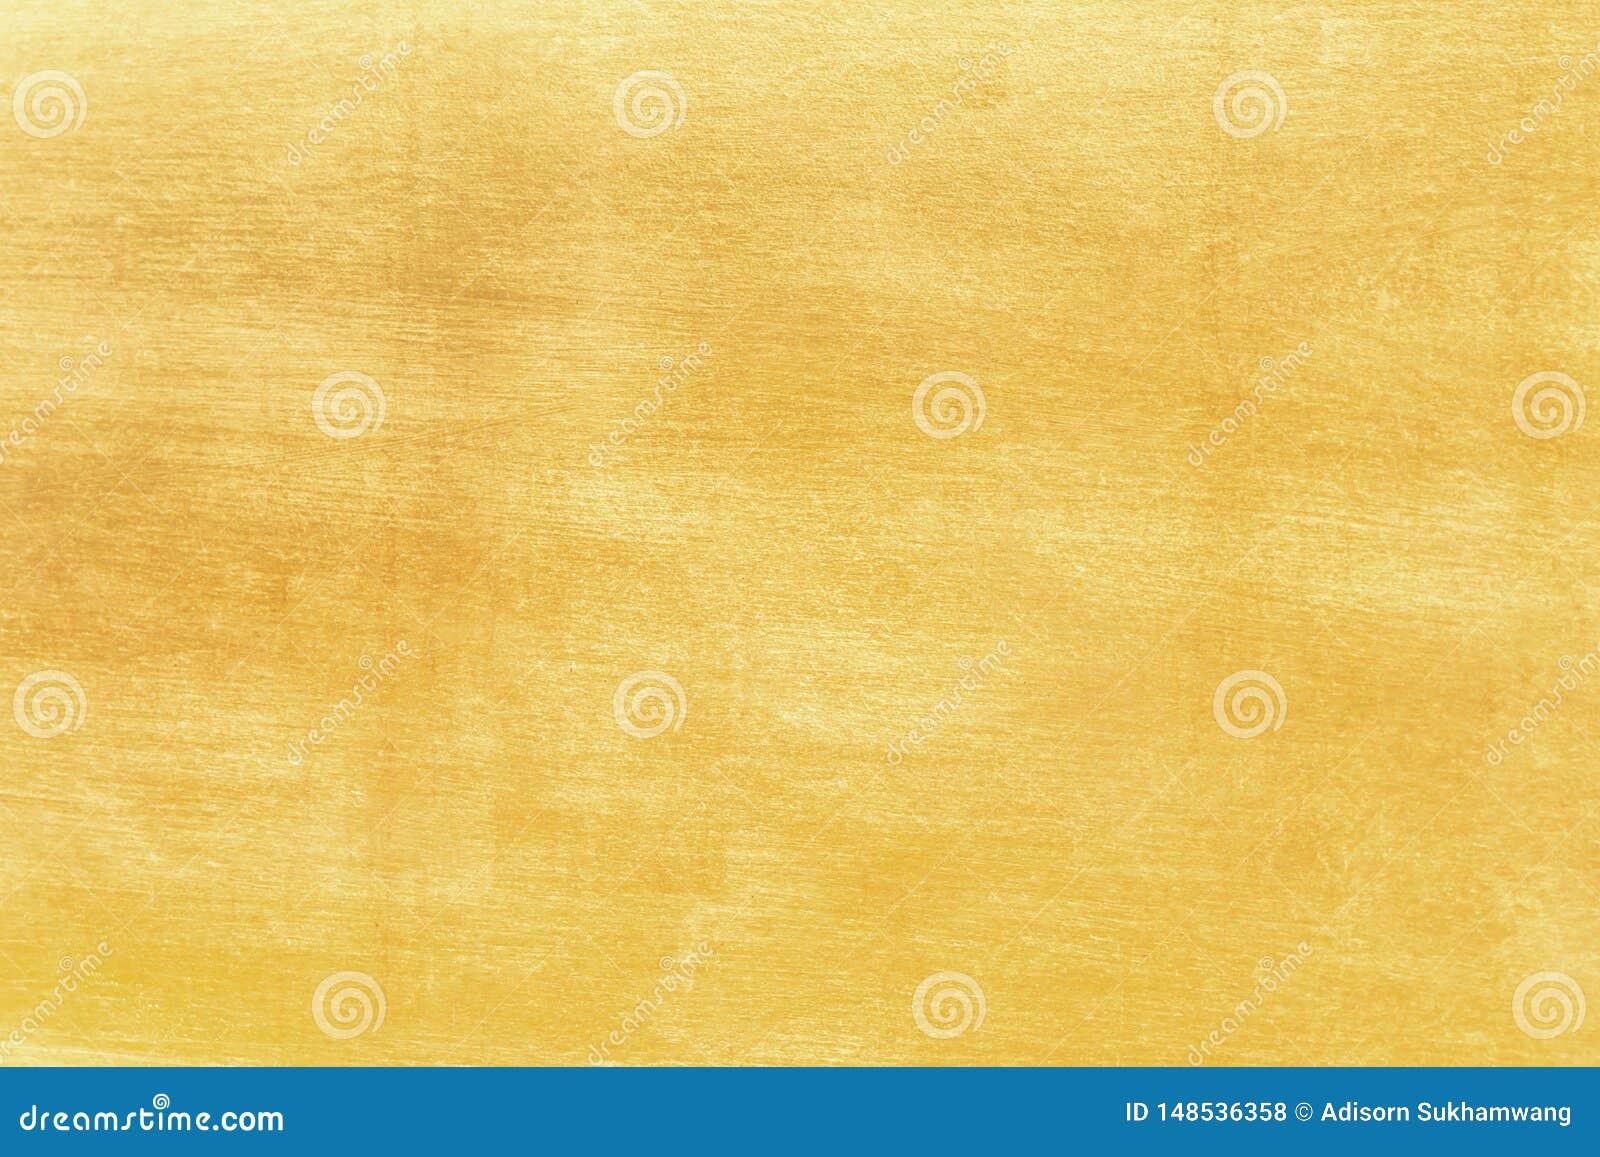 Fundo do ouro ou texturas e sombras, paredes velhas e riscos